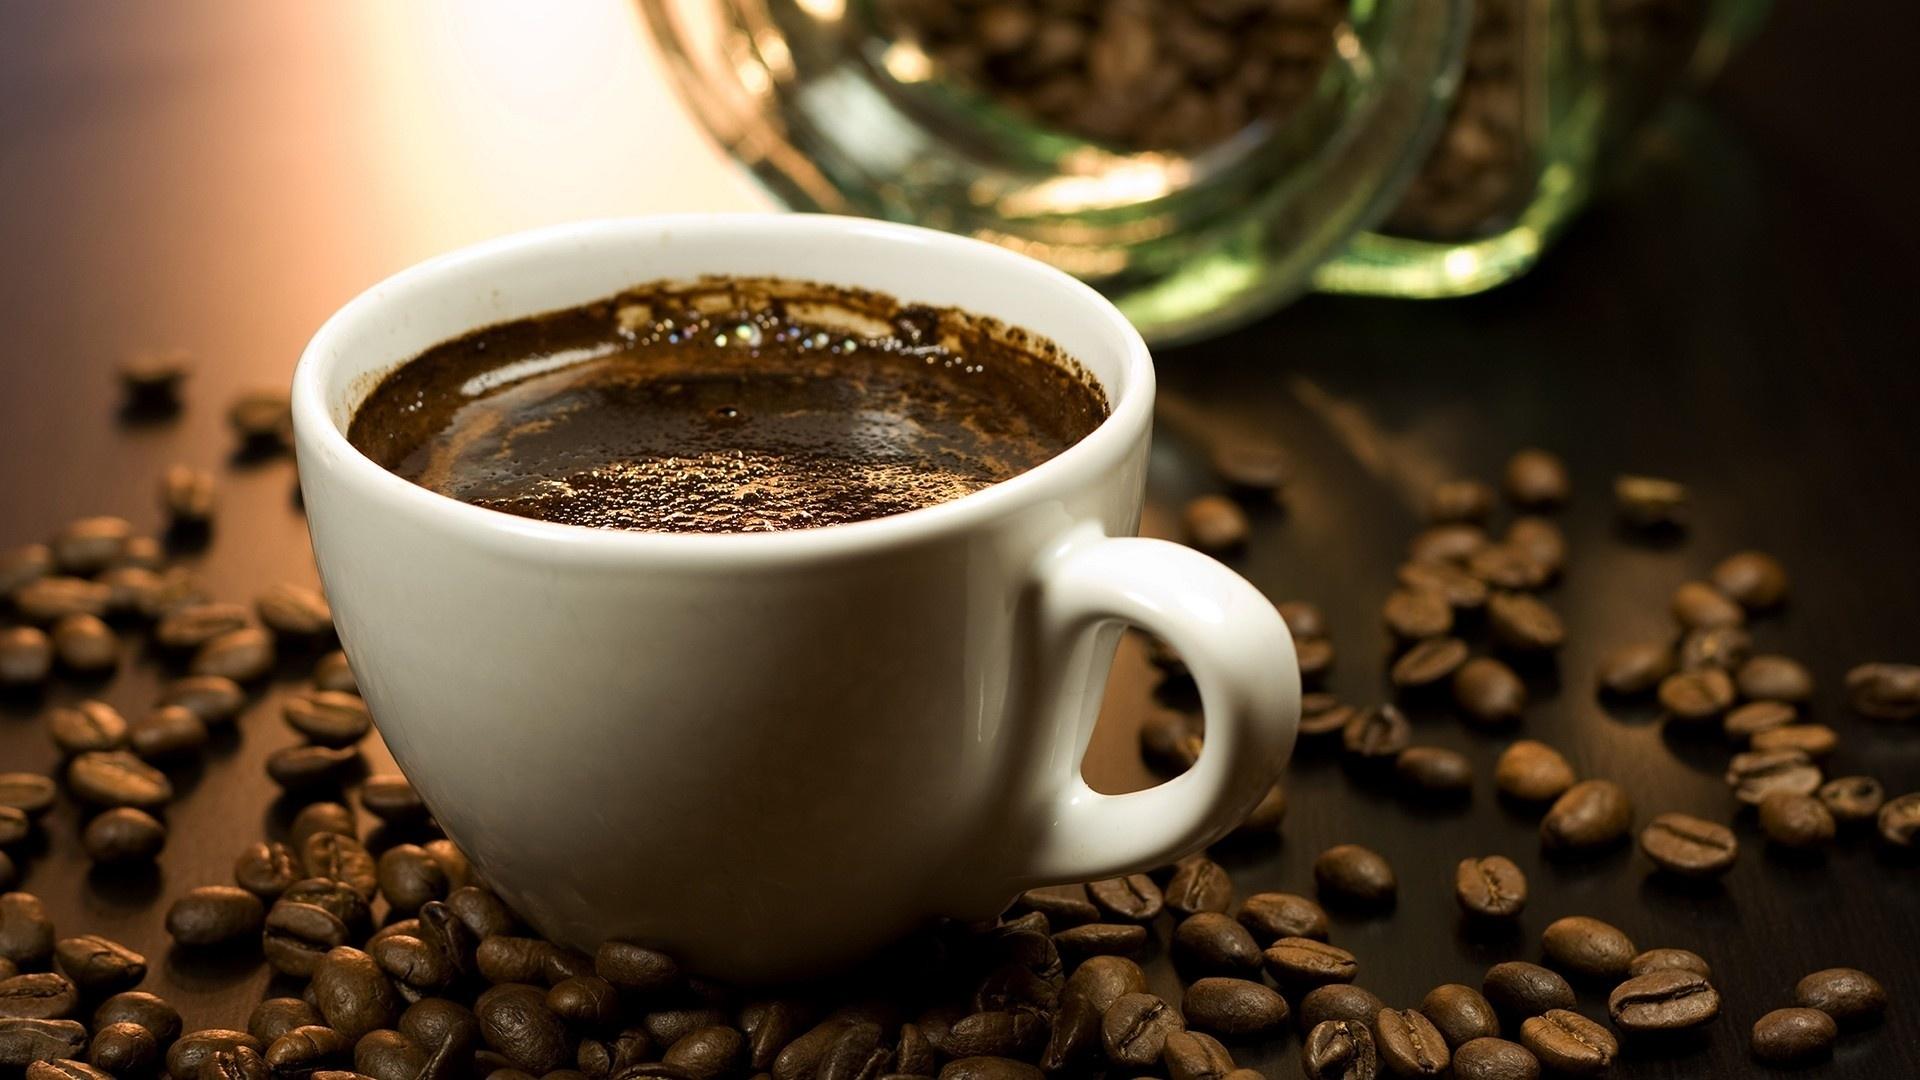 Hintergrundbilder : Getränk, Tasse, Espresso, türkischer Kaffee ...